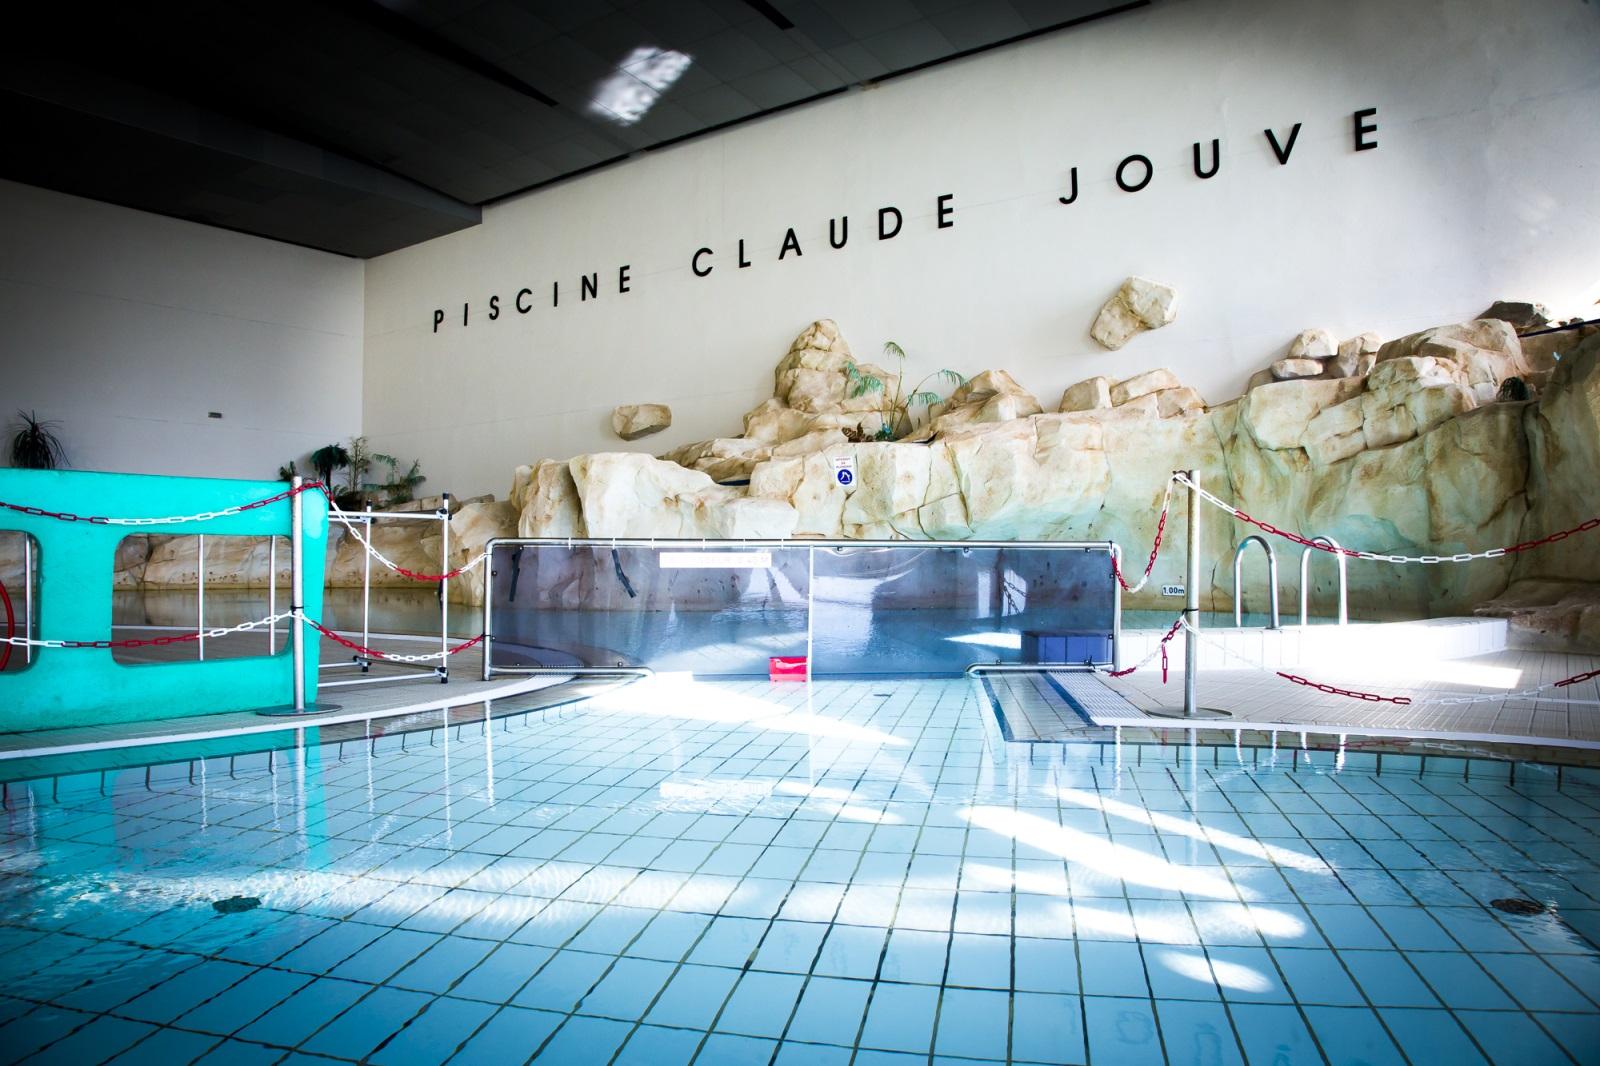 Les Hangars - Base Aéronautique Navale - Berre L'etang à Piscine Claude Jouve